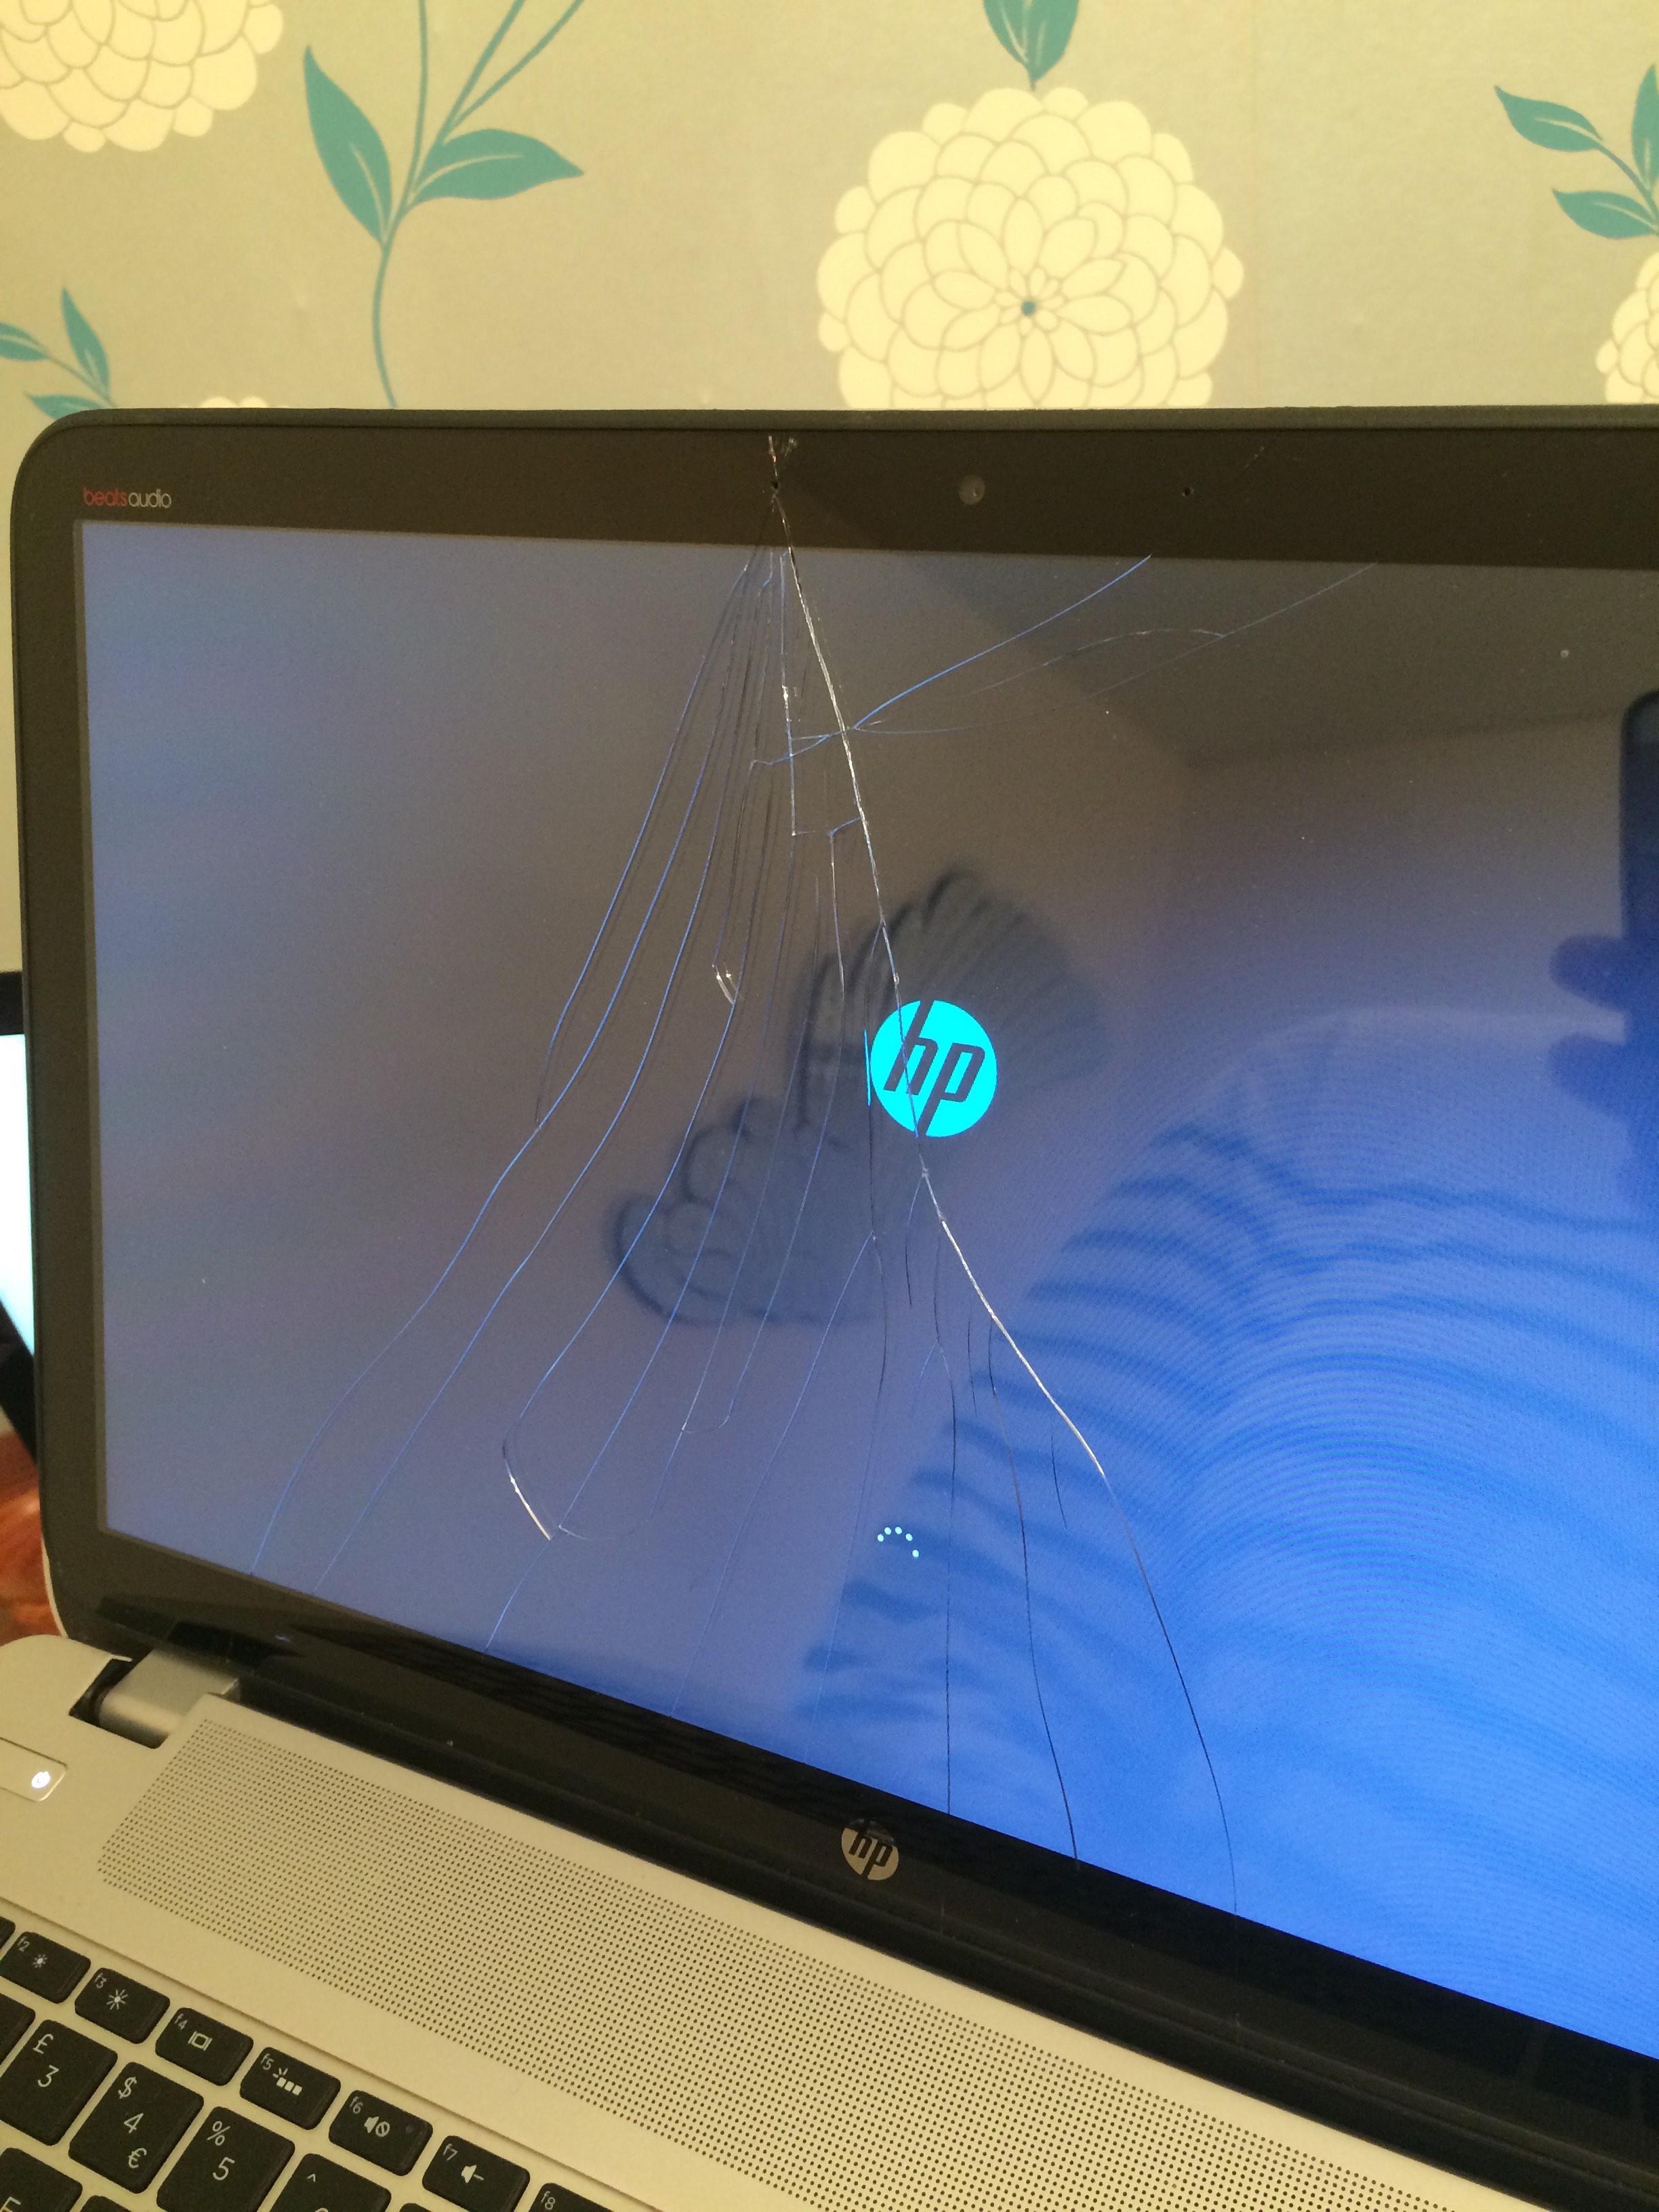 HP Screen Crack.jpg